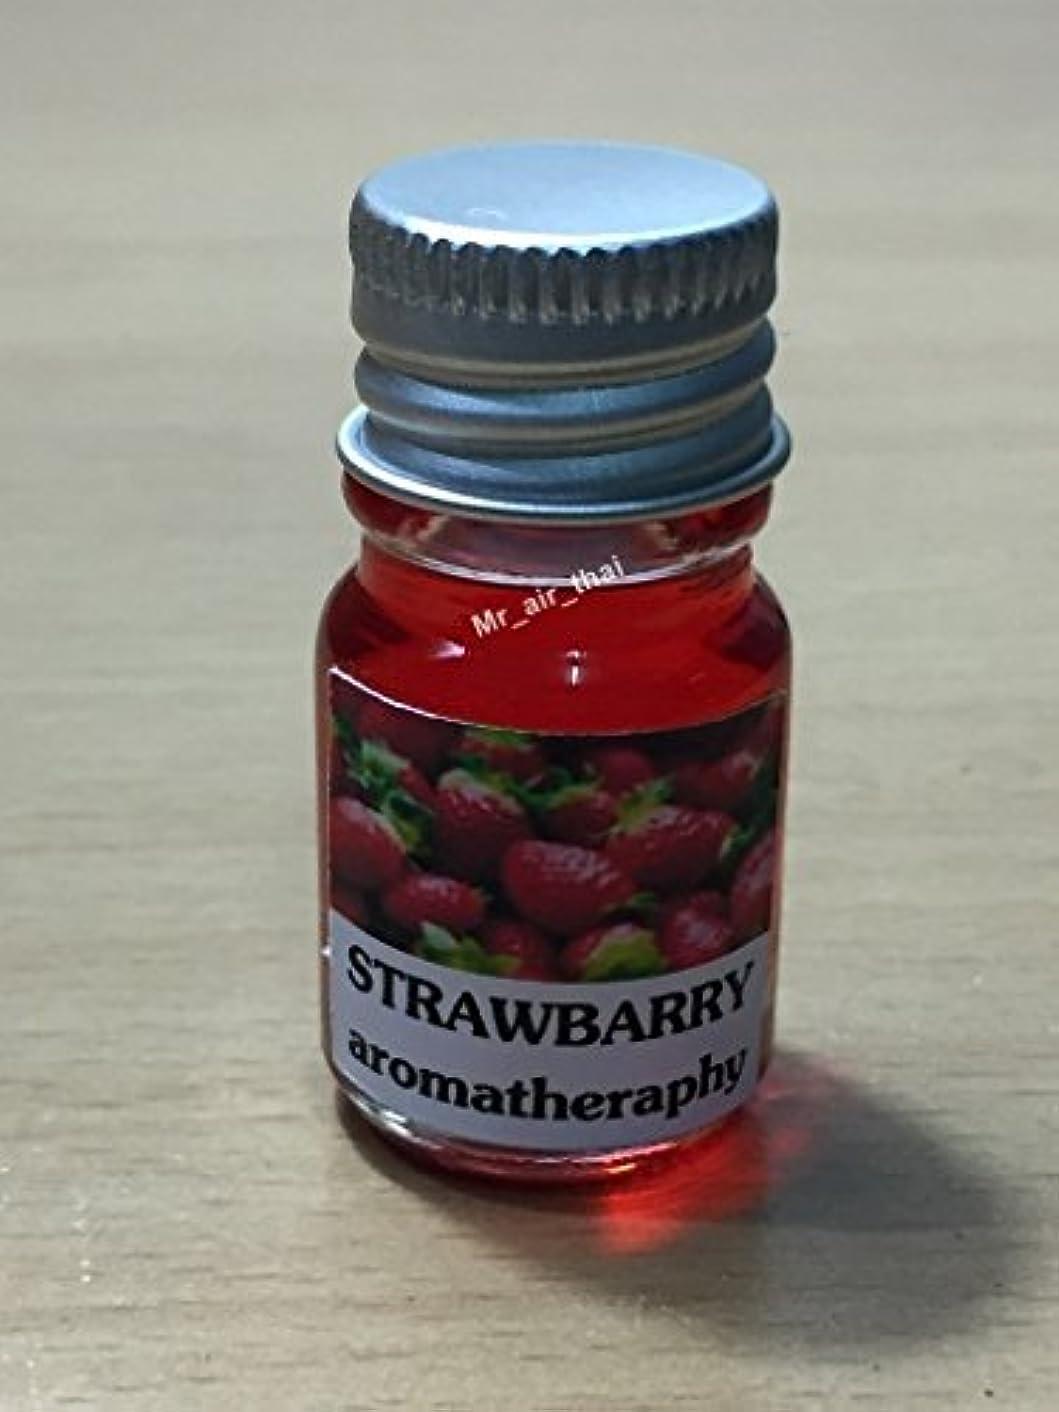 フローティング手数料連帯5ミリリットルアロマイチゴフランクインセンスエッセンシャルオイルボトルアロマテラピーオイル自然自然5ml Aroma Strawberry Frankincense Essential Oil Bottles Aromatherapy...